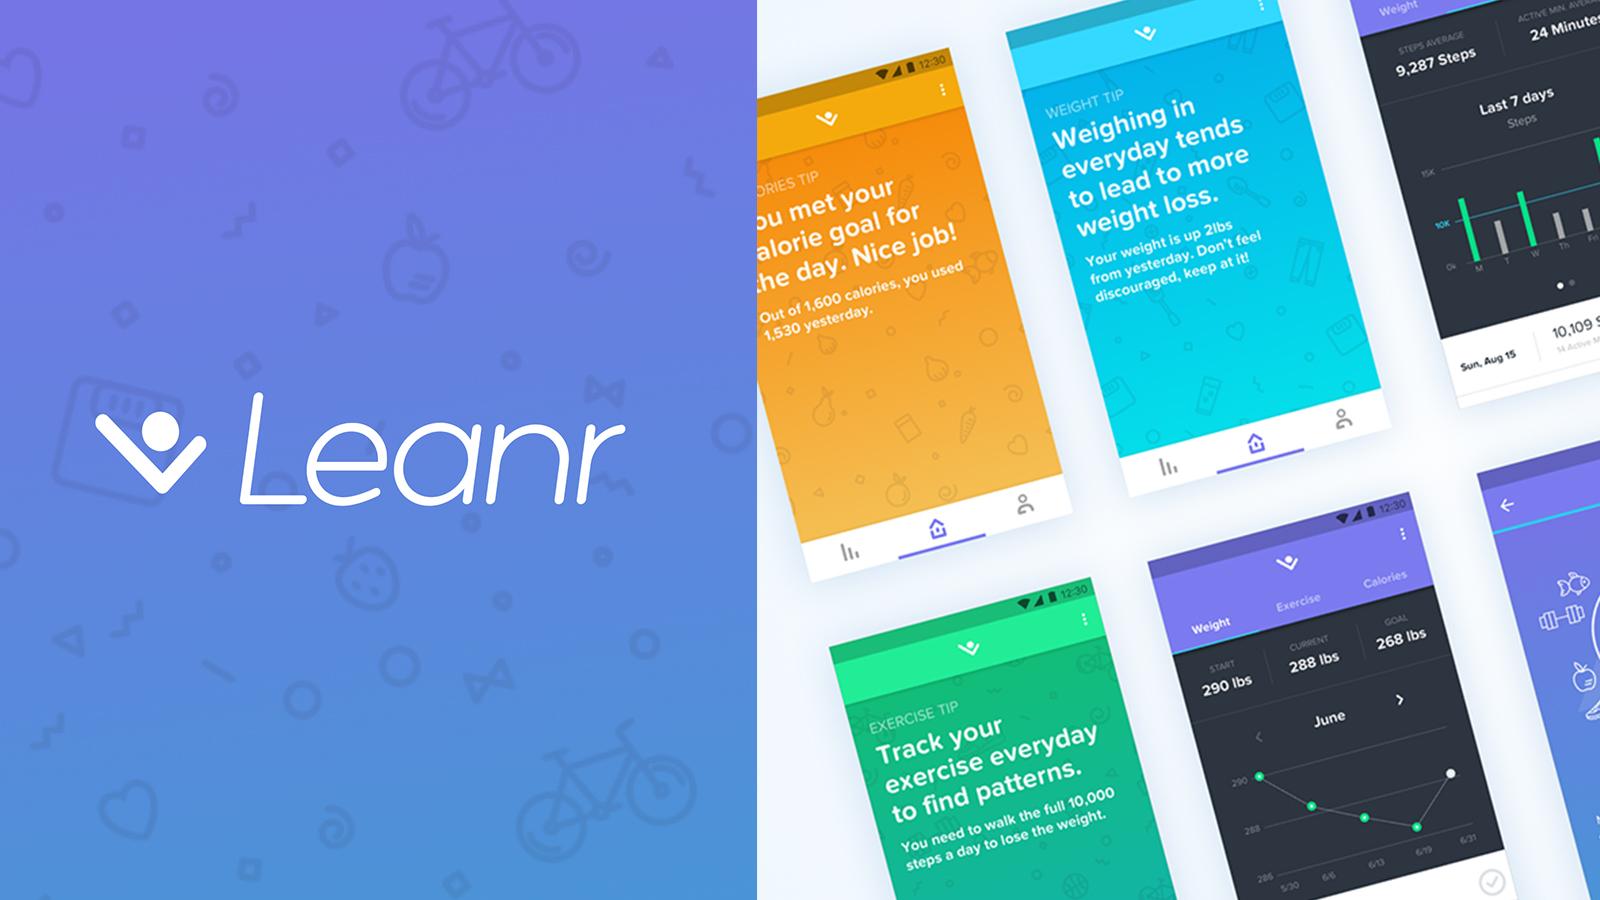 leanr.jpg